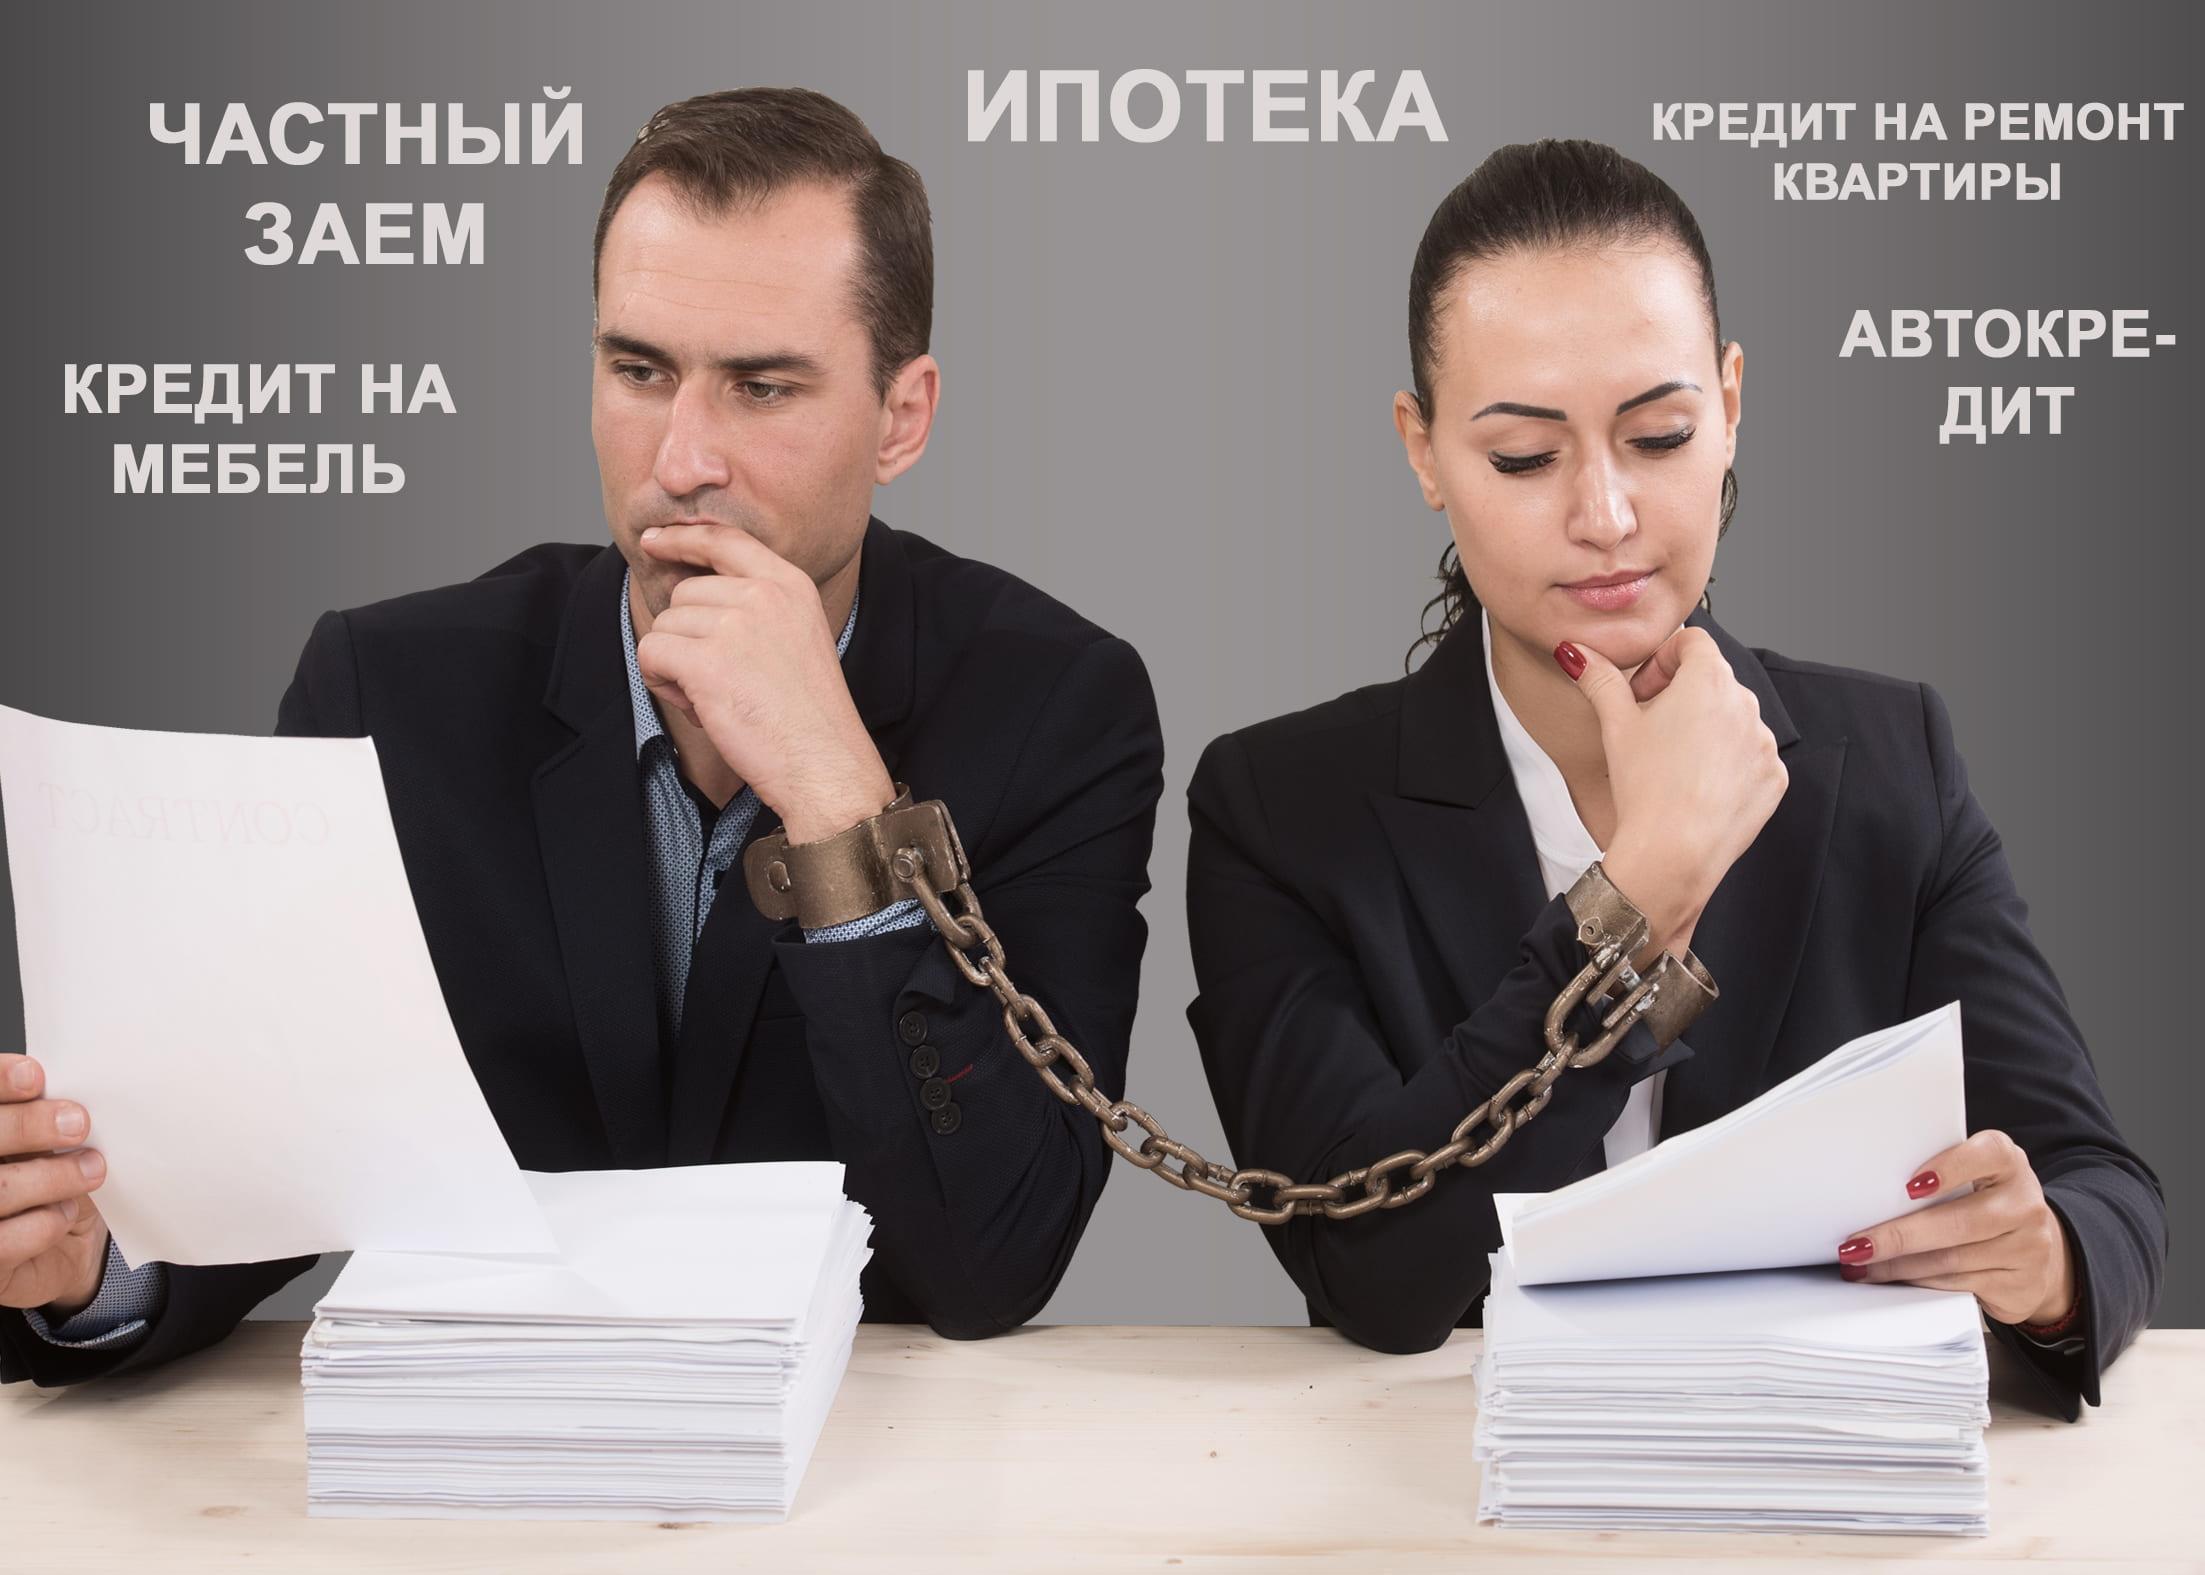 кредитные обязательства супругов при разводе